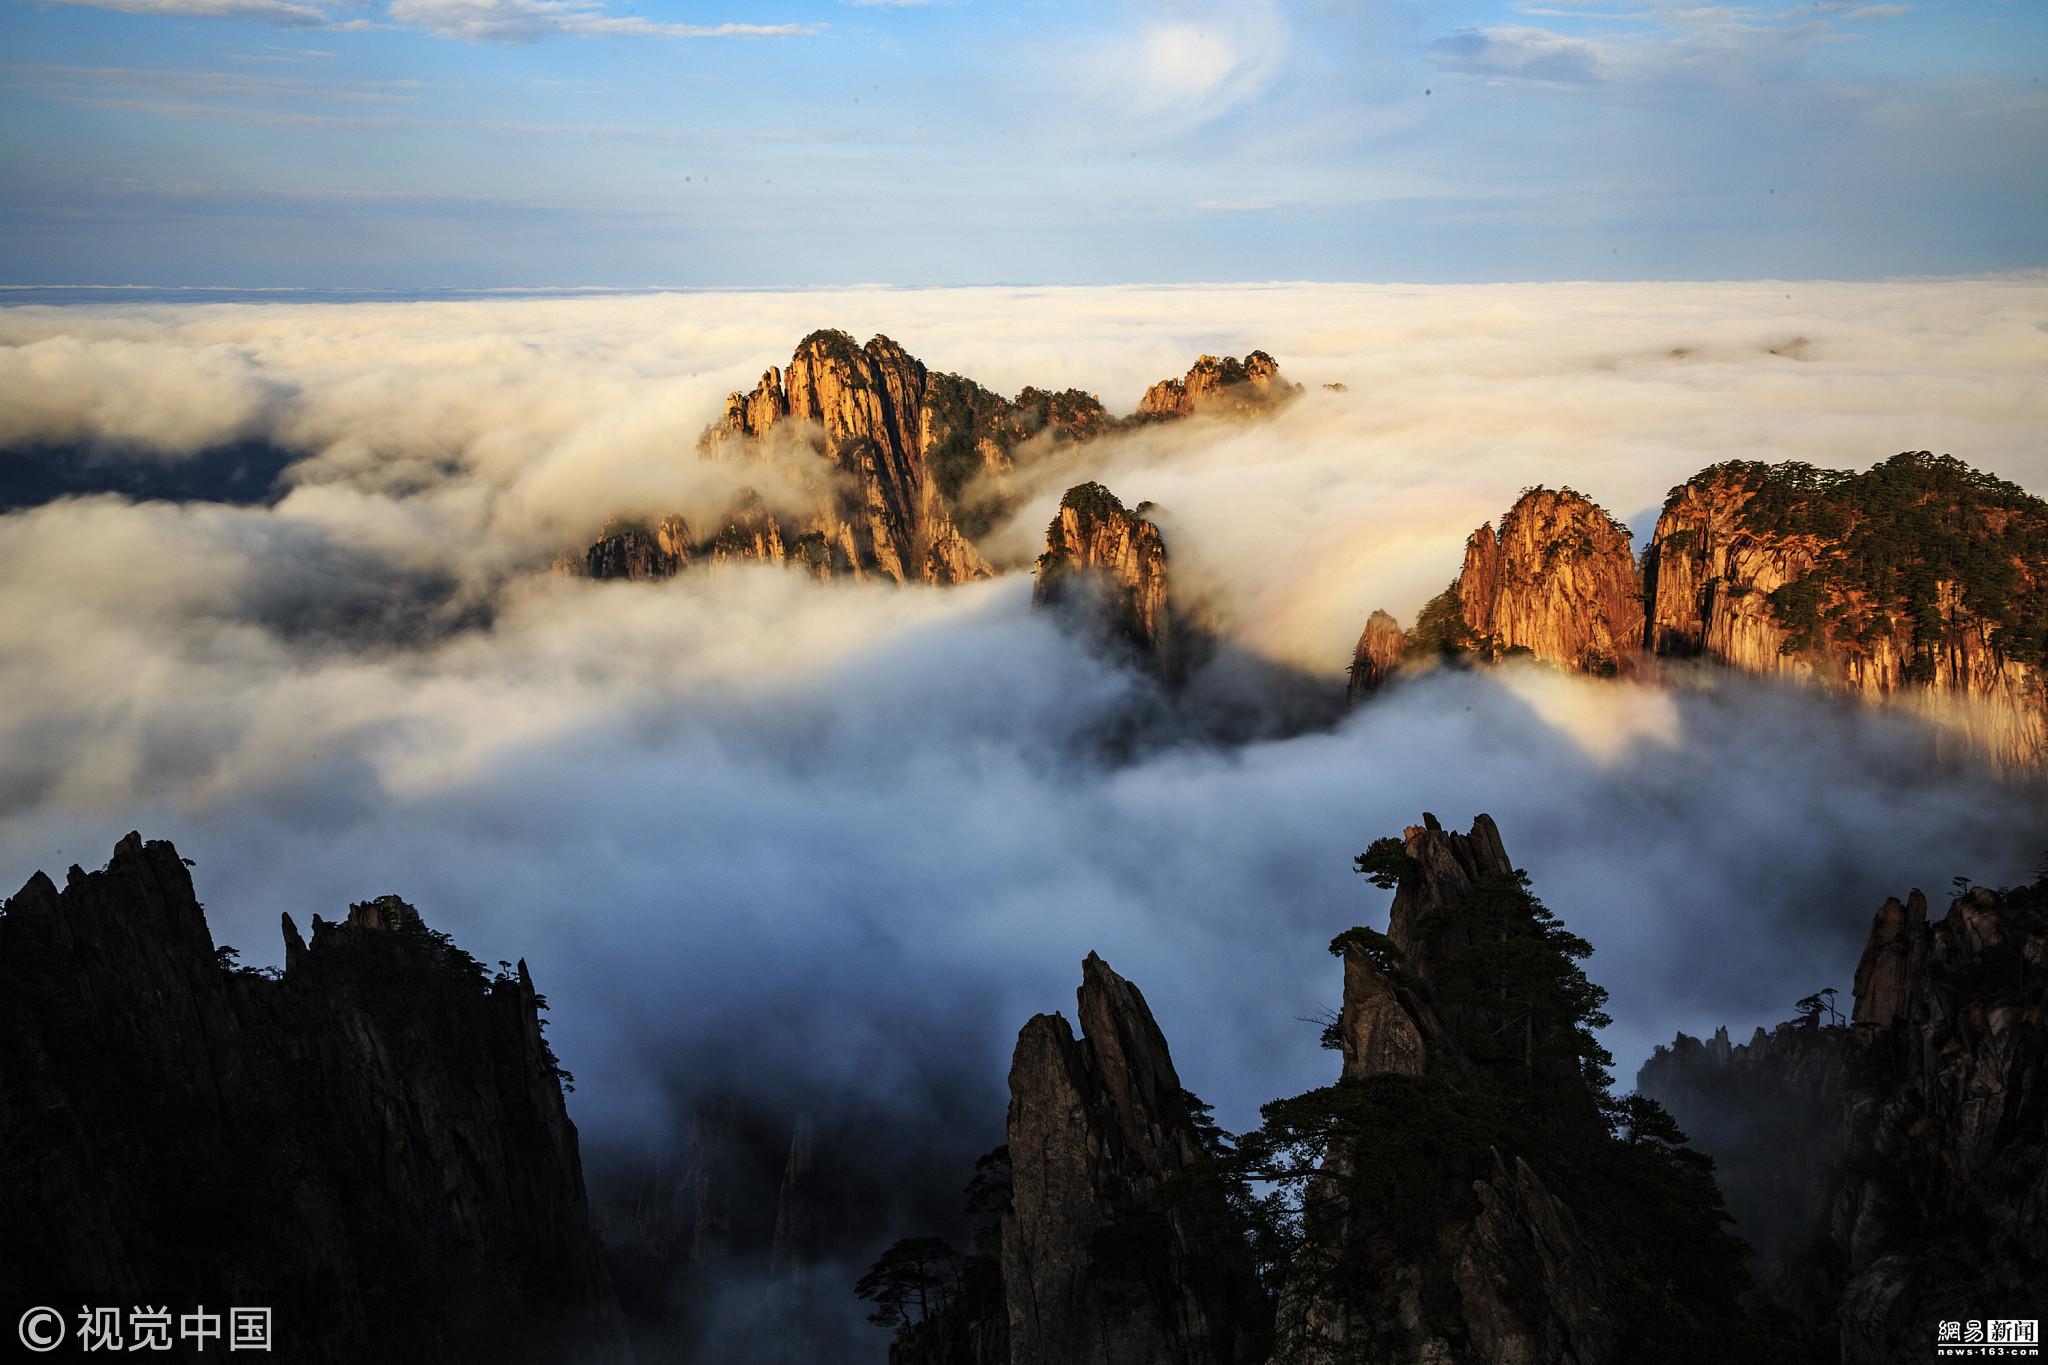 安徽黄山初冬五绝云海 如临仙境 - 周公乐 - xinhua8848 的博客